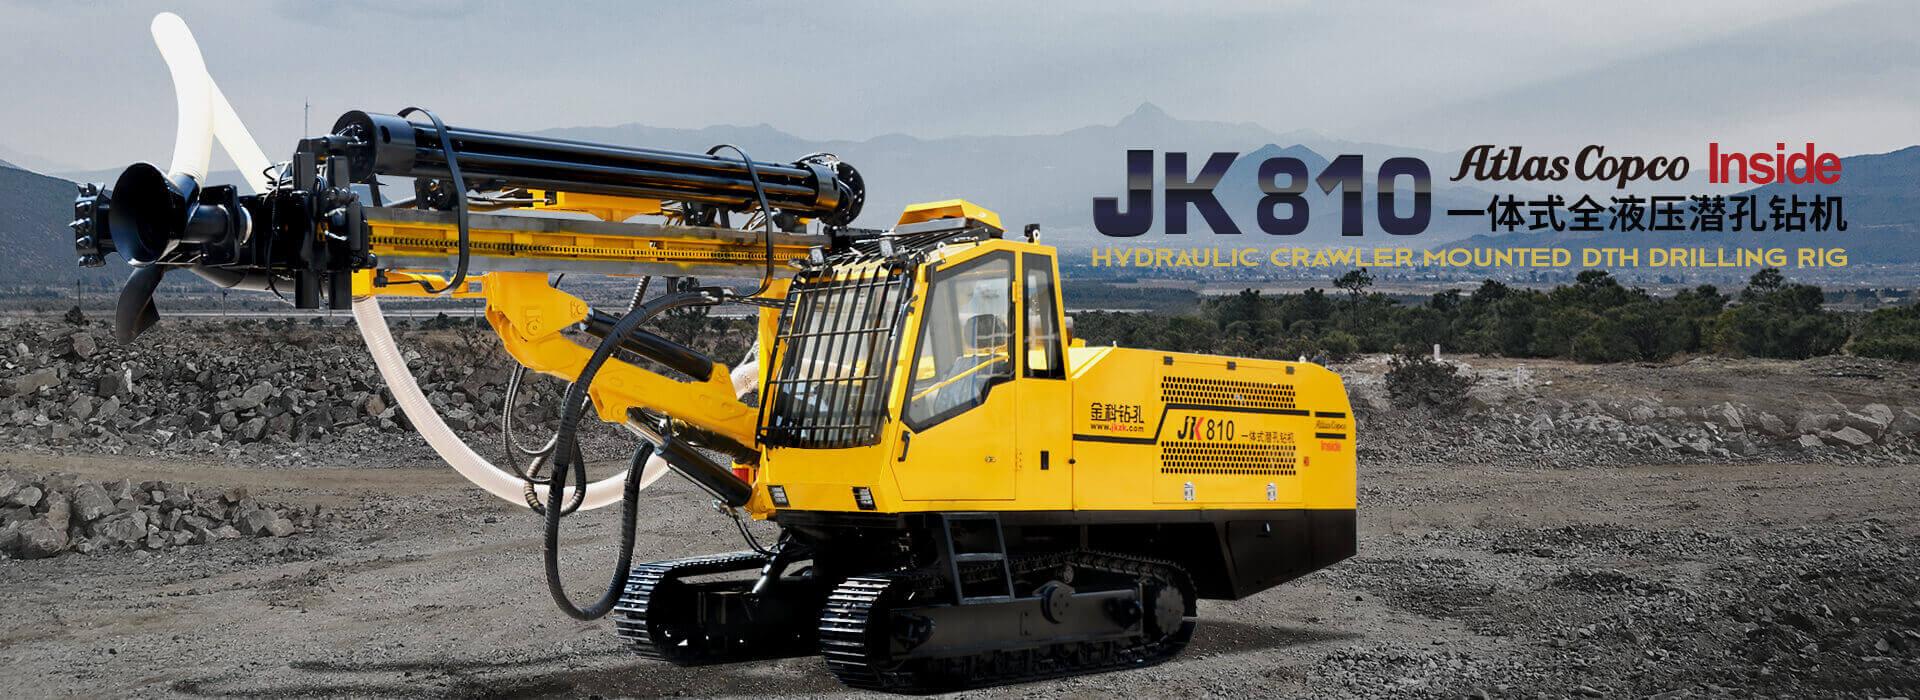 JK810 all-in-one hydraulic drilling rig